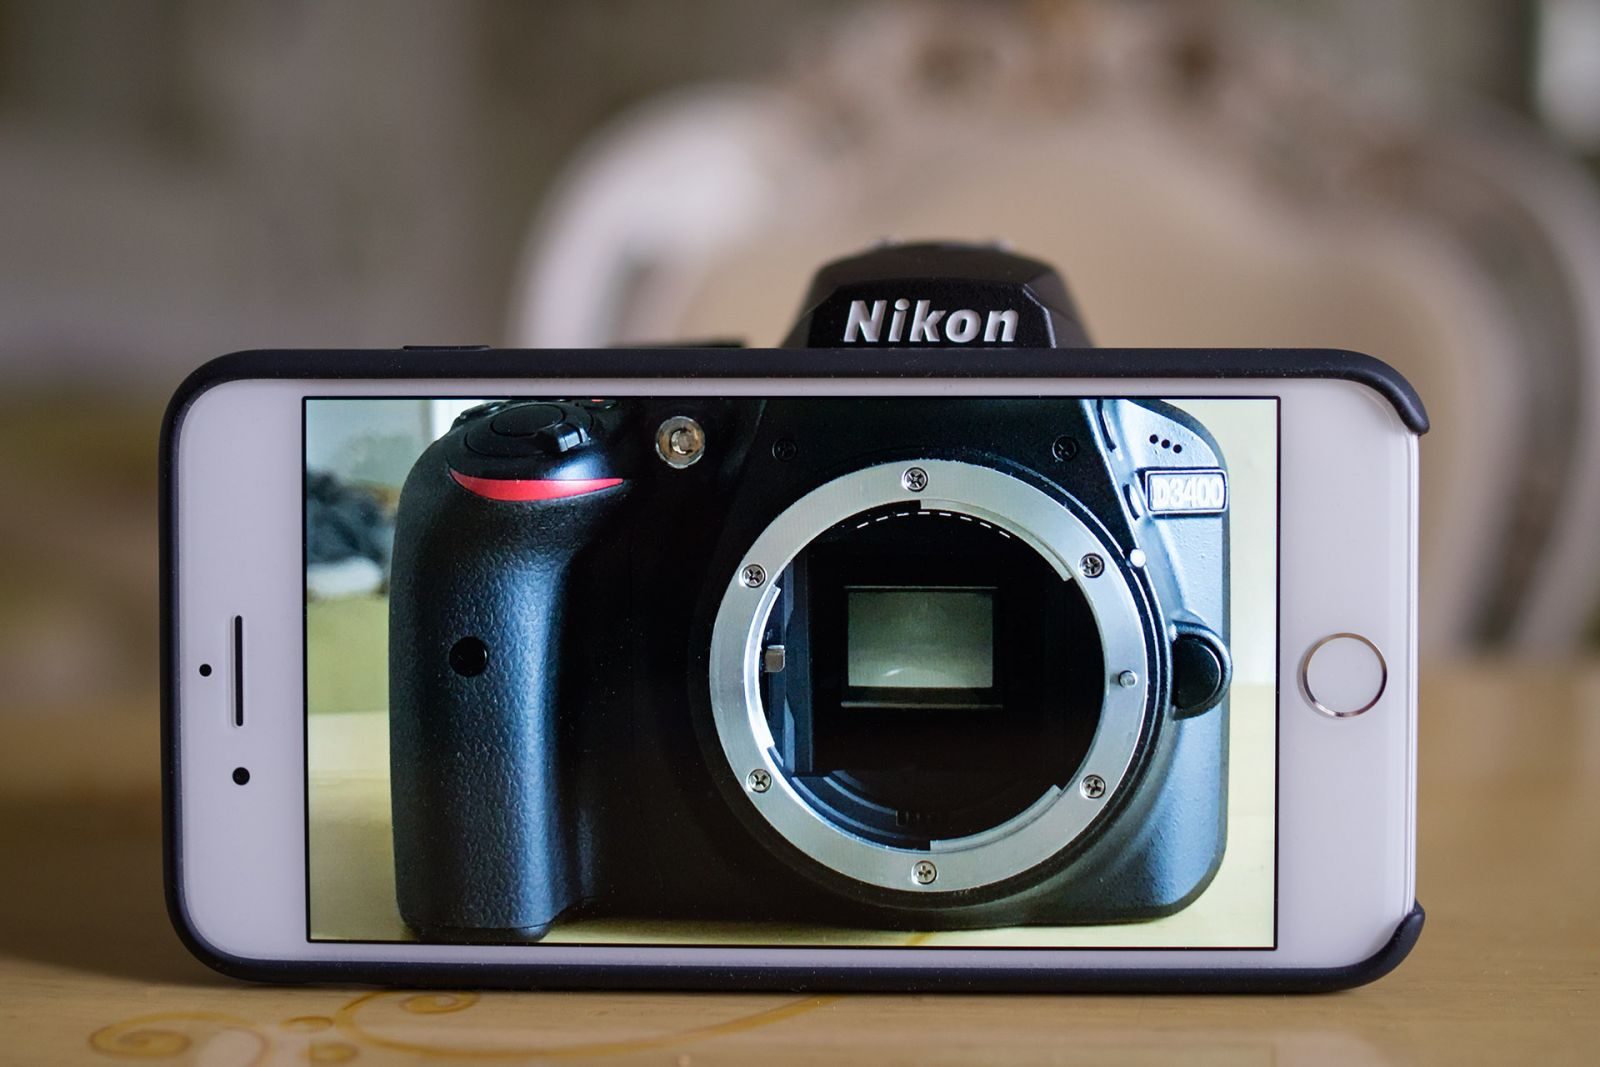 Фото, сделанные на iPhone ничем не уступают зеркальным фотоаппаратам